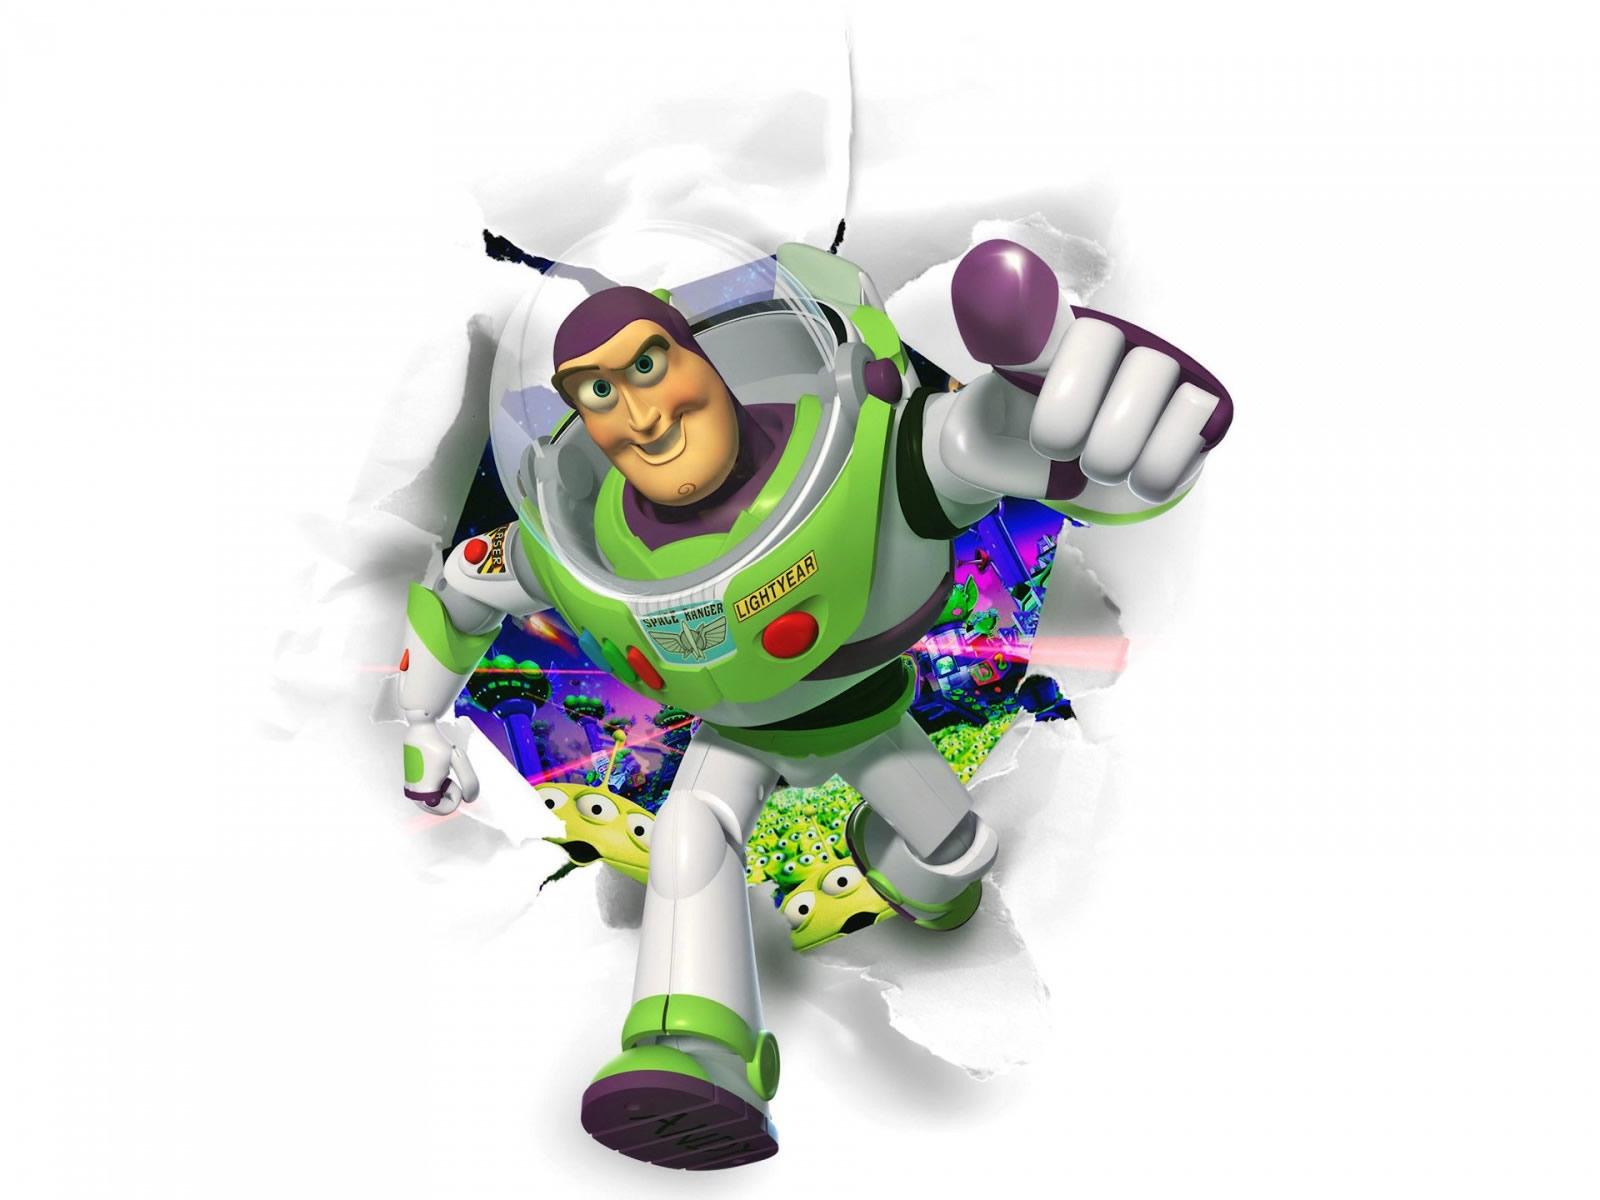 Fondos Pixar Buzz Lighyear